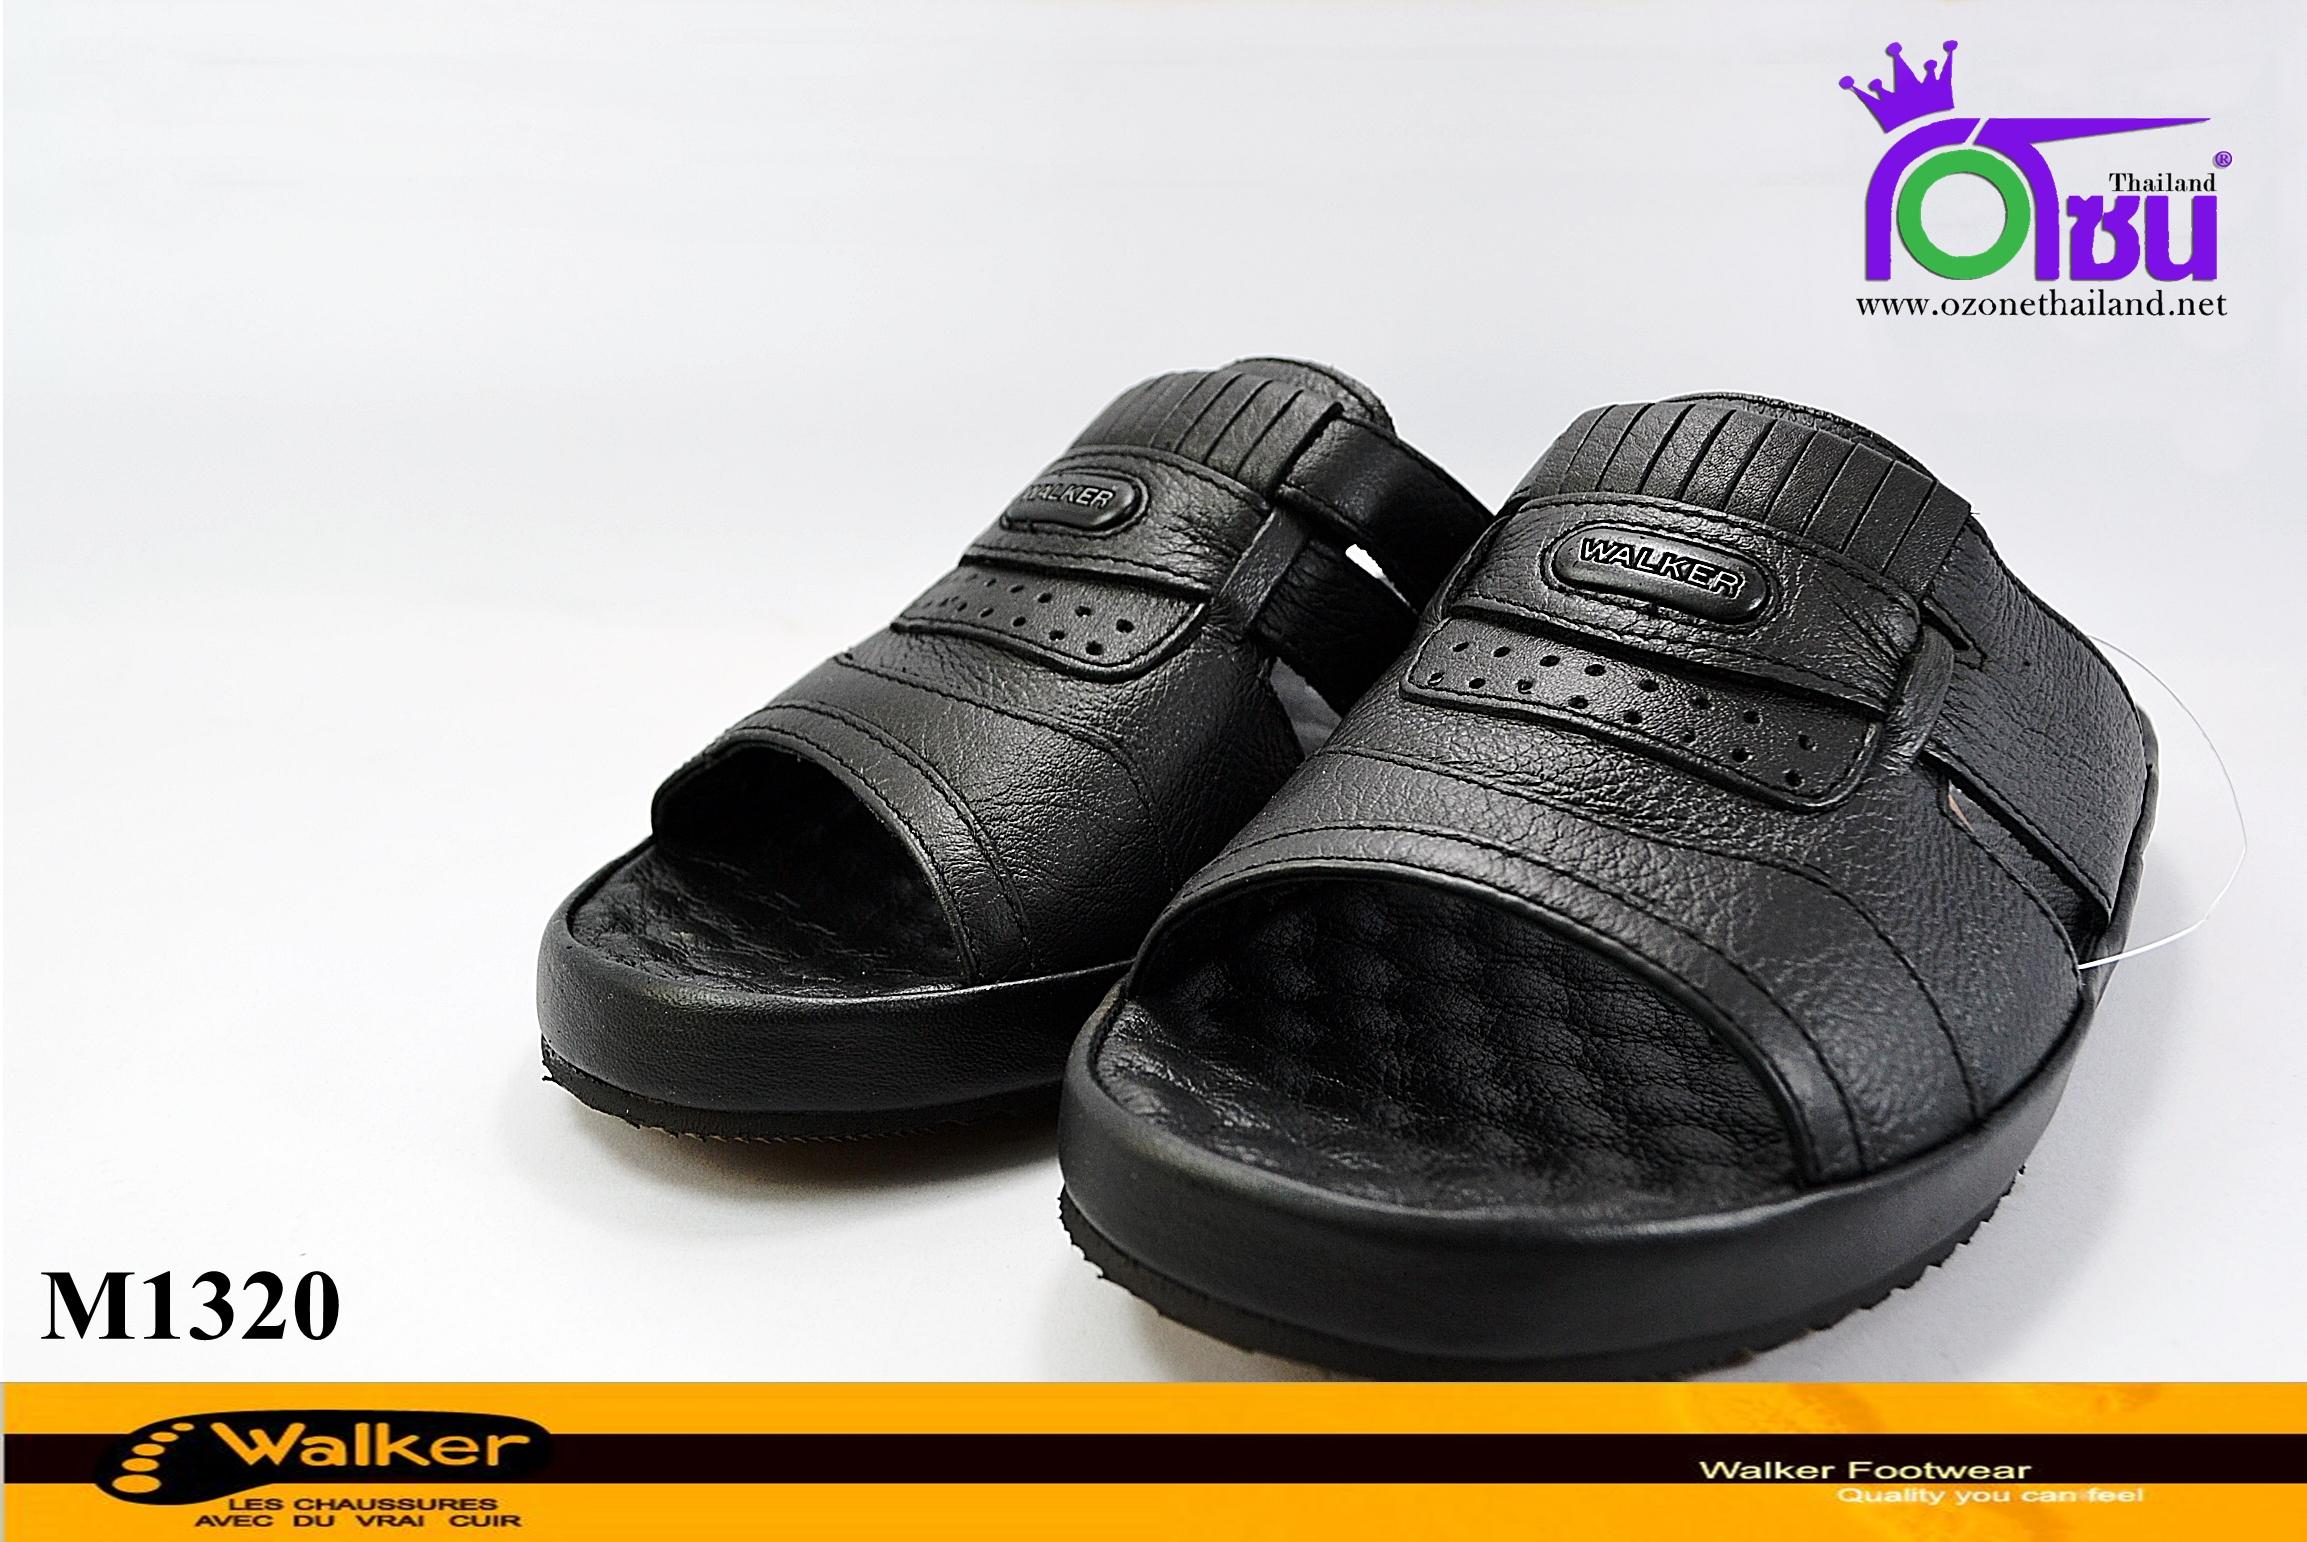 รองเท้า Walker วอร์เกอร์ ชายรุ่น M1320 สีดำเบอร์40-45